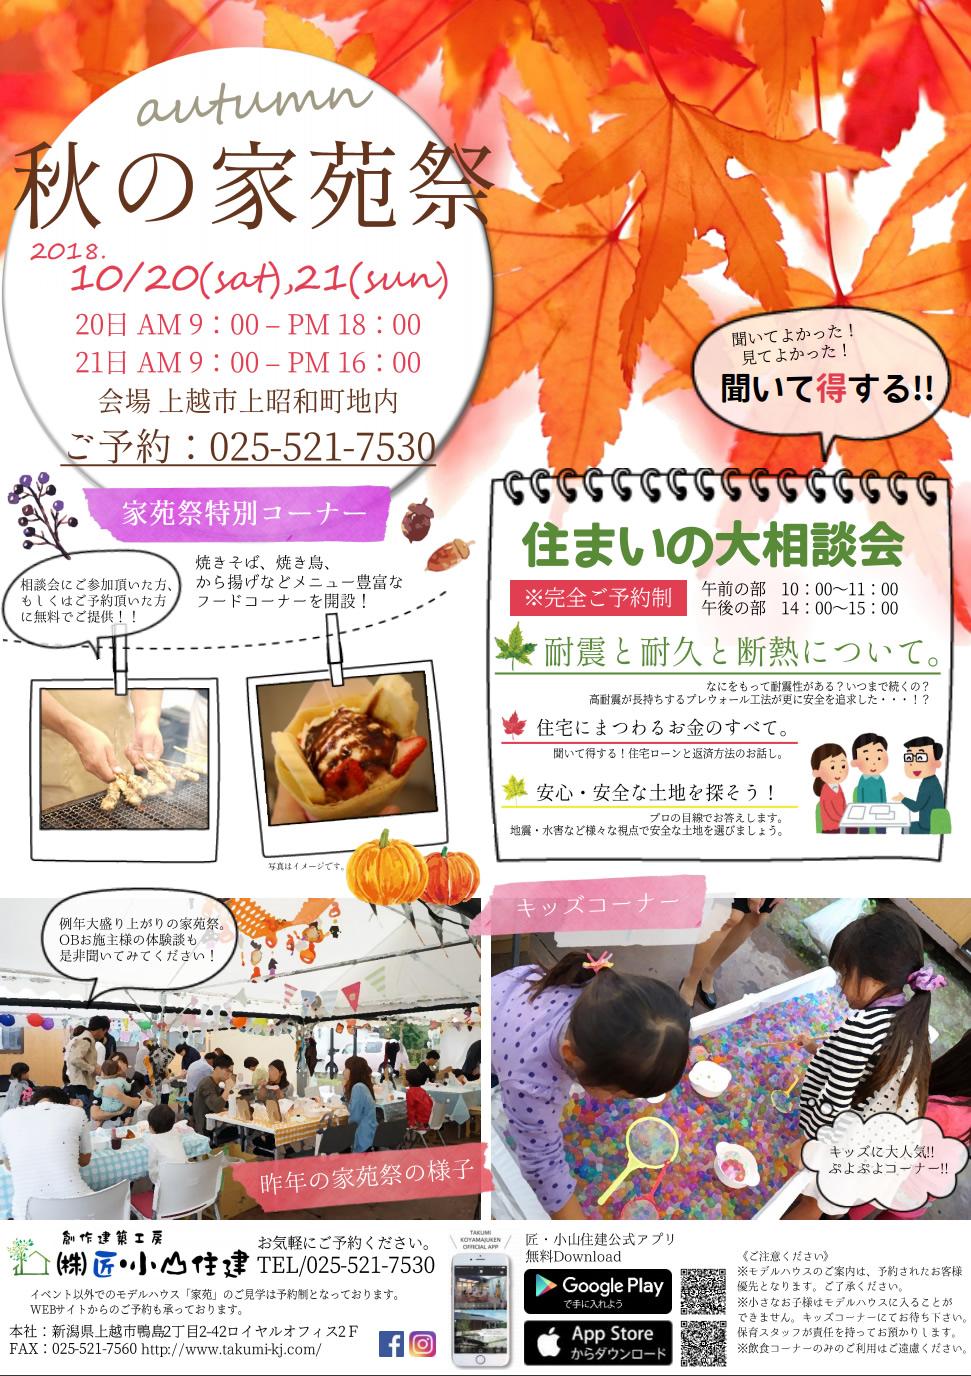 【10/20、21】秋の家苑祭 2018